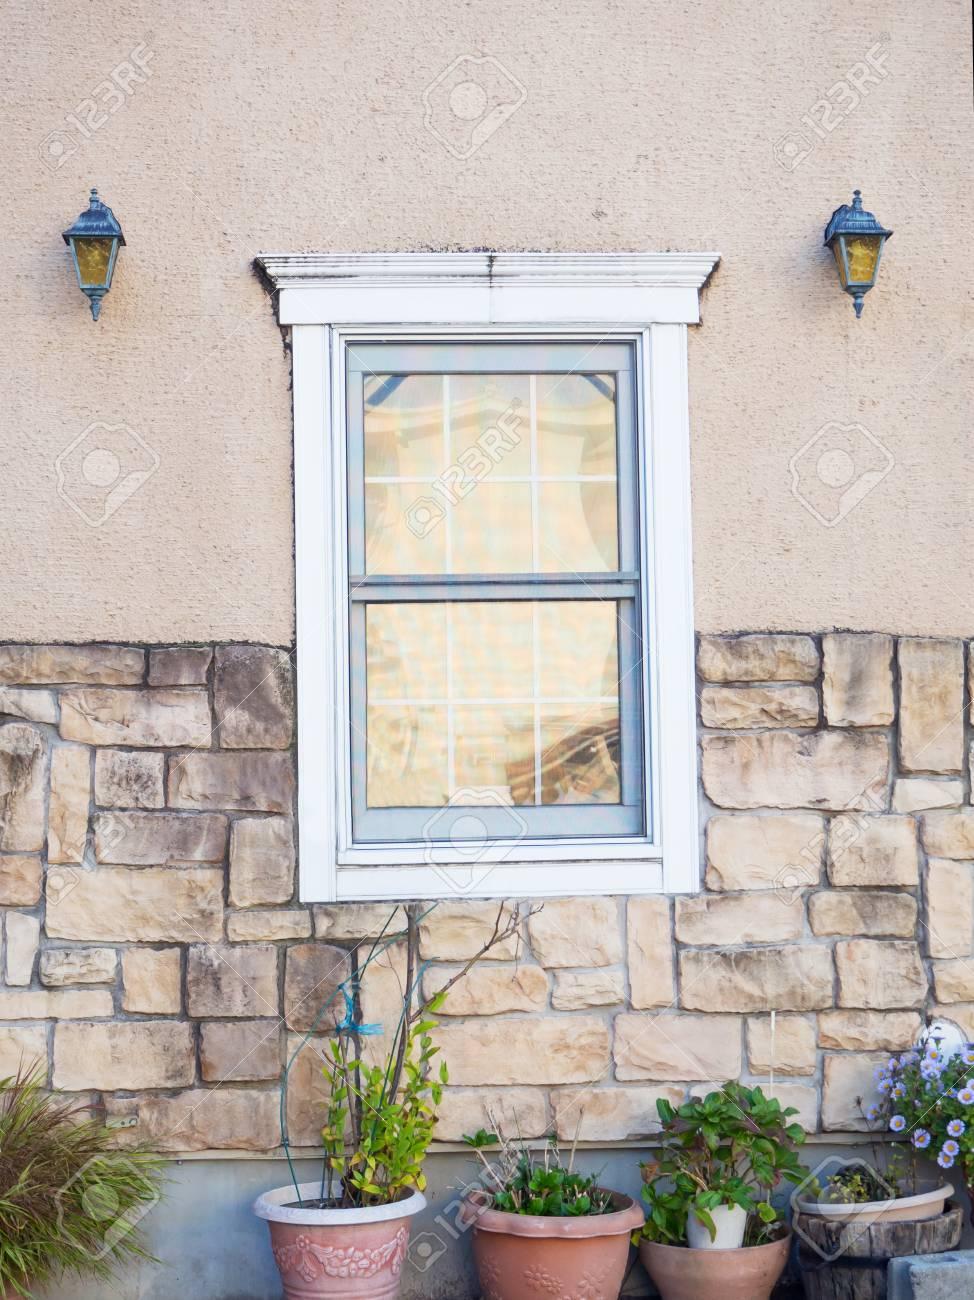 Vintage Holz Weisse Fenster Dekoration Auf Der Mauer Lizenzfreie